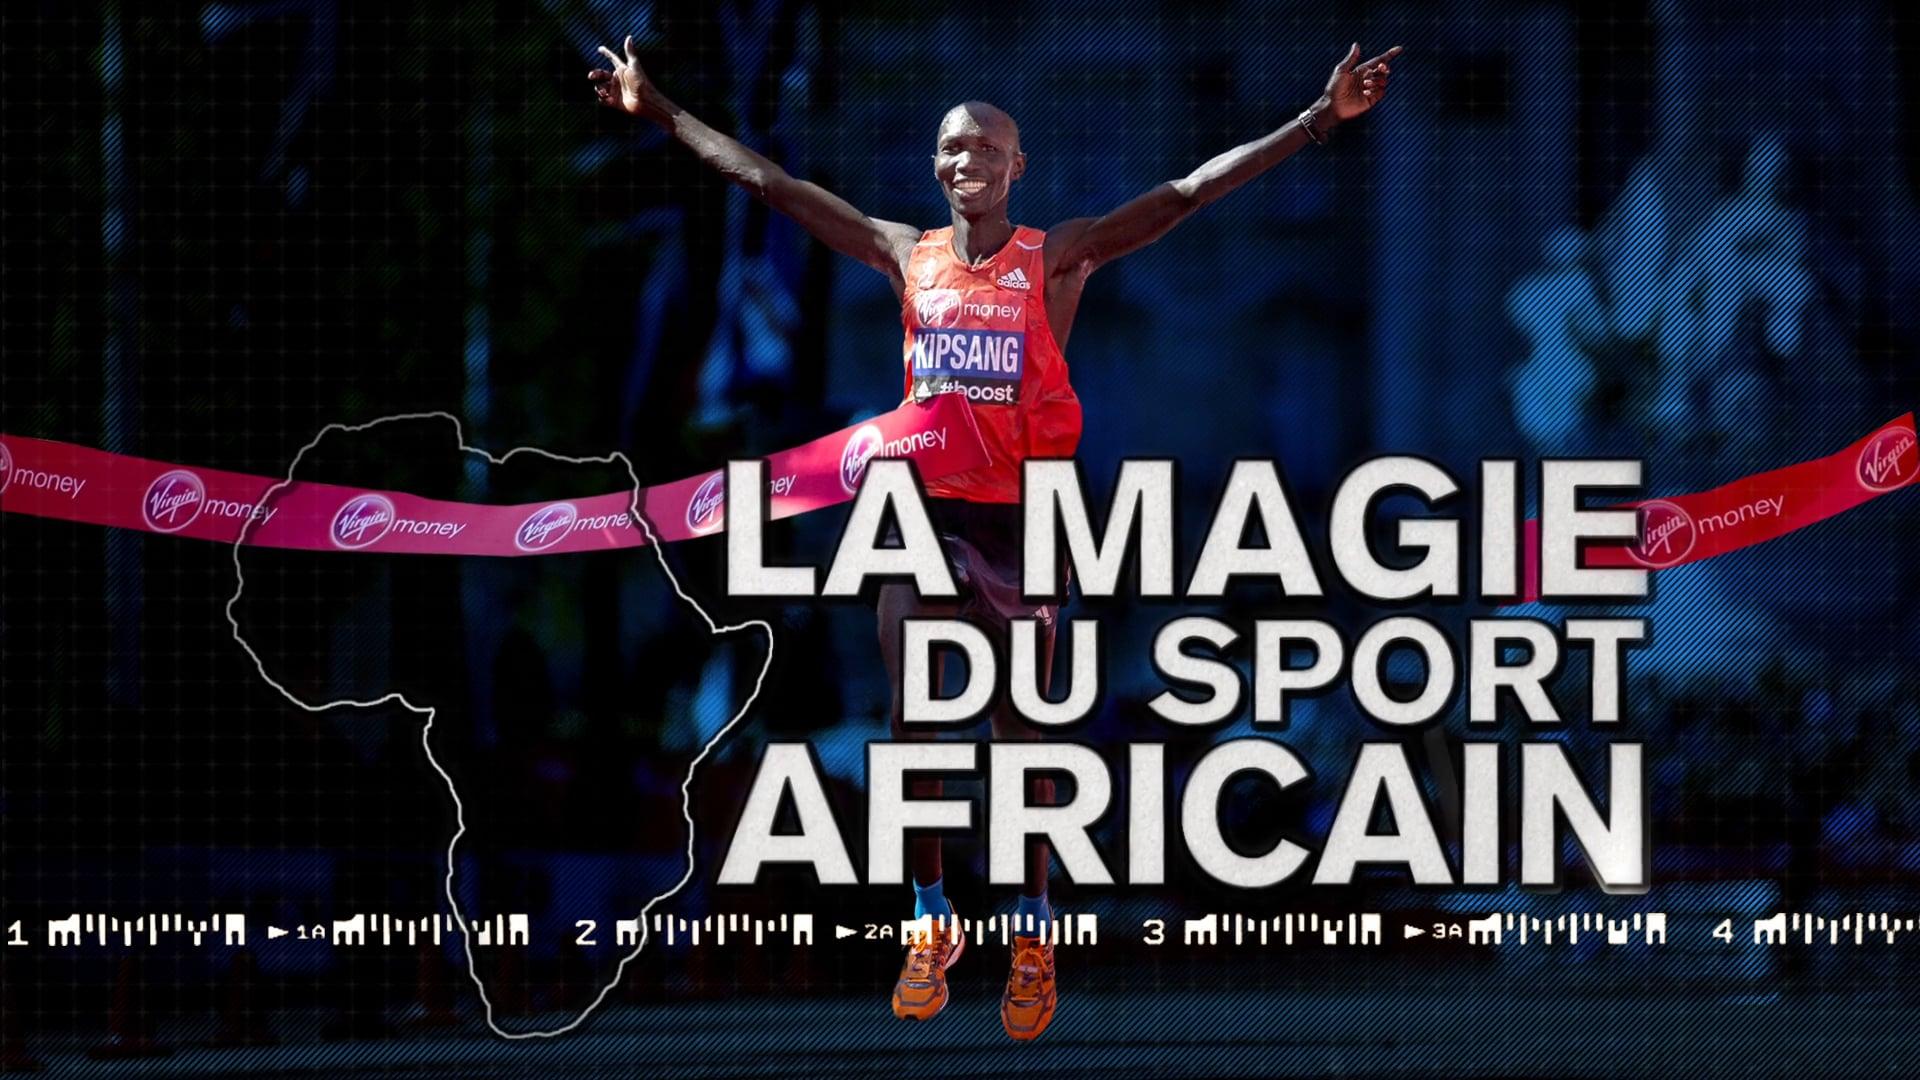 LA MAGIE DU SPORT AFRICAIN